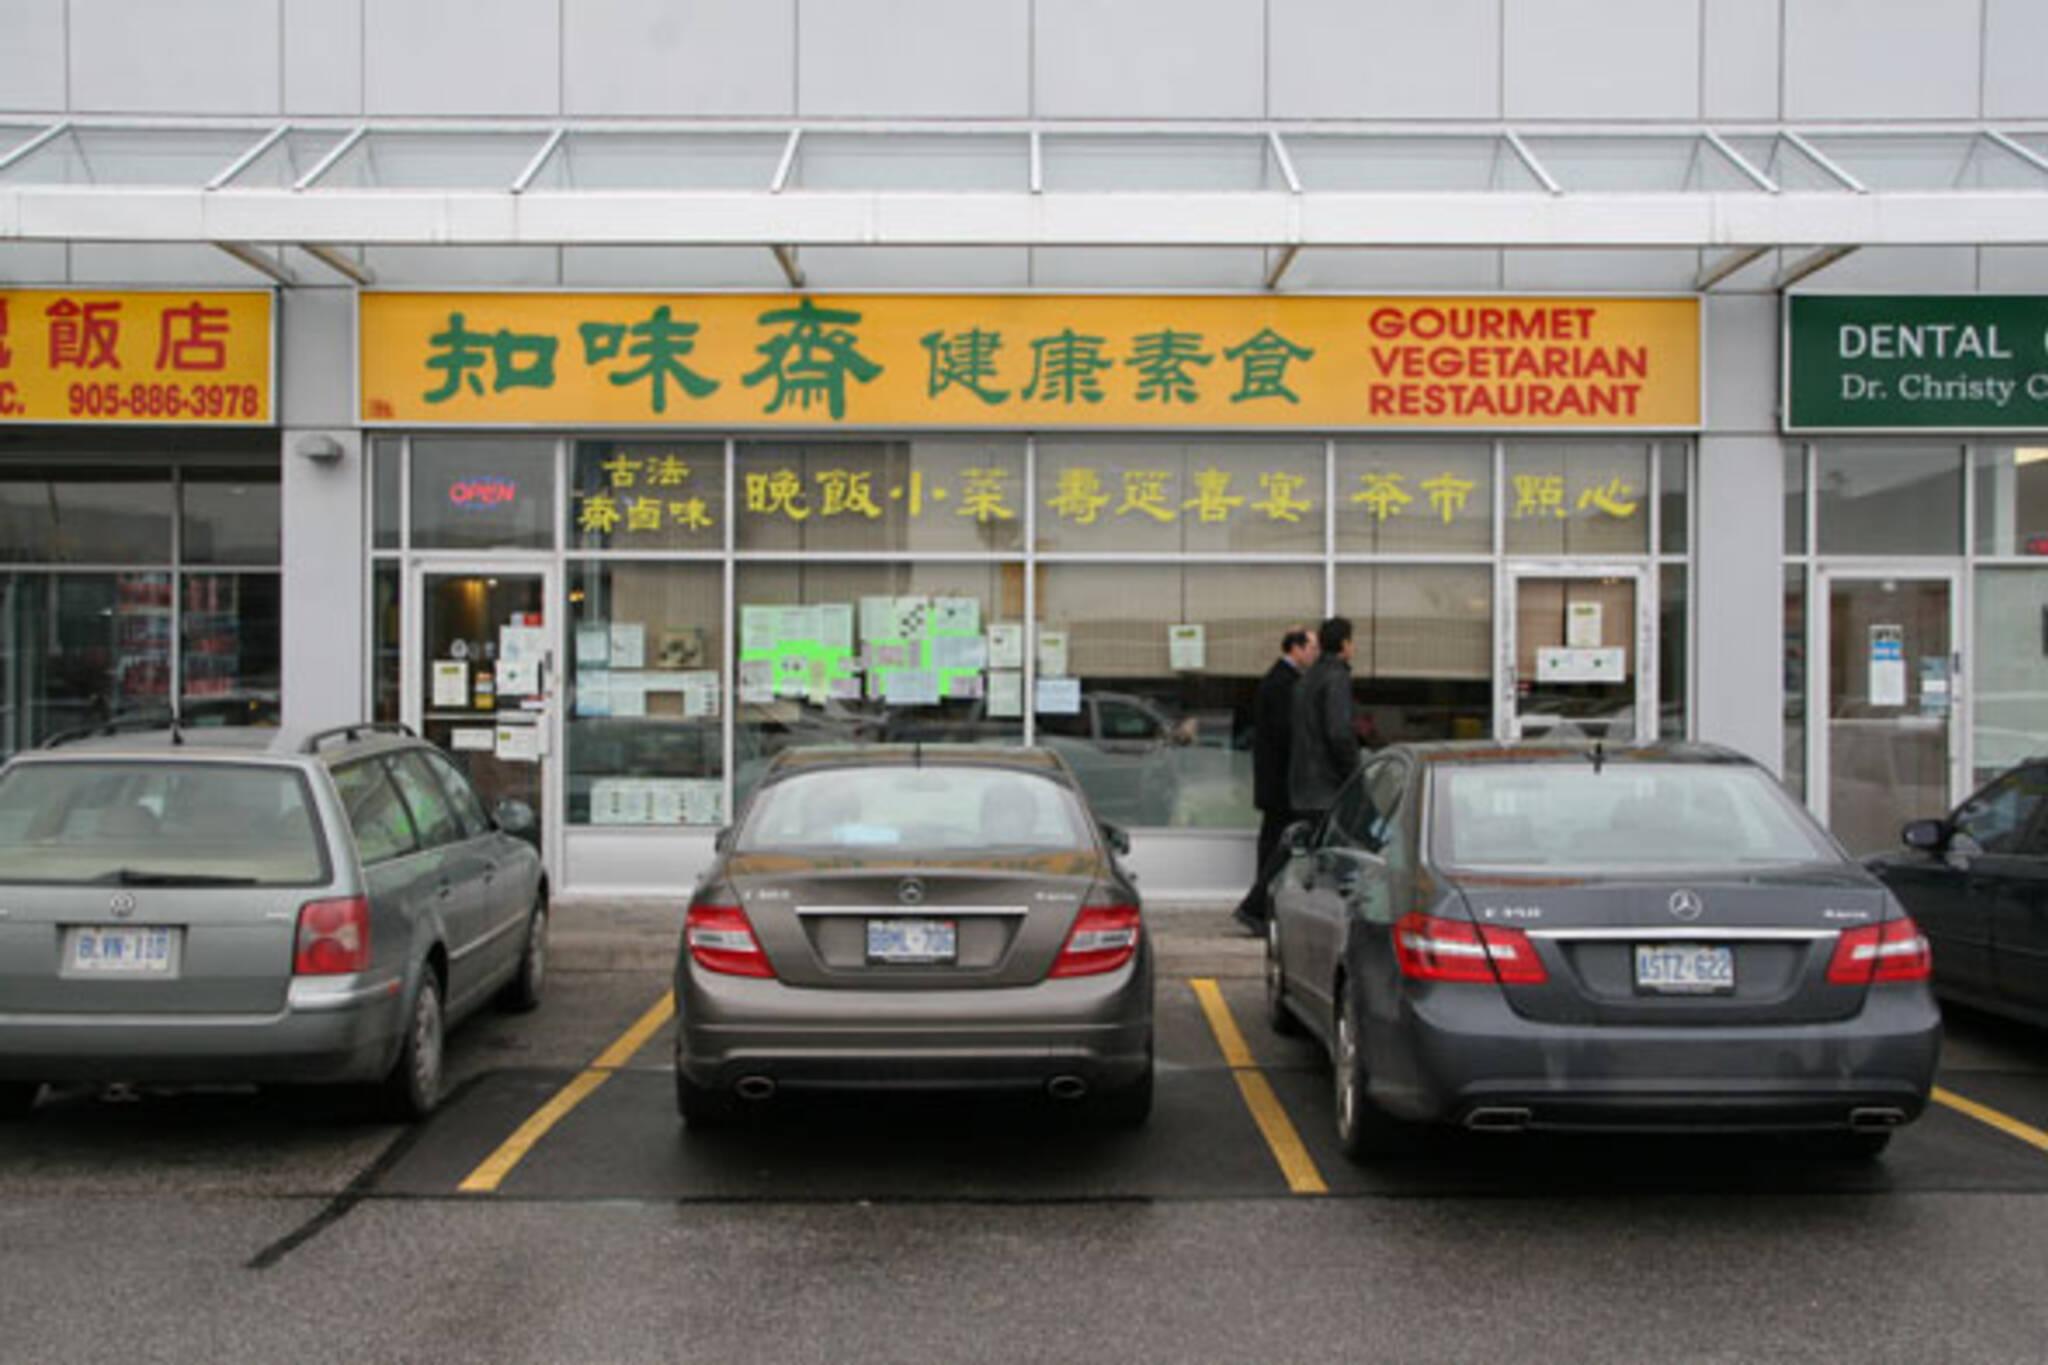 Gourmet Vegetarian Restaurant Richmond Hill